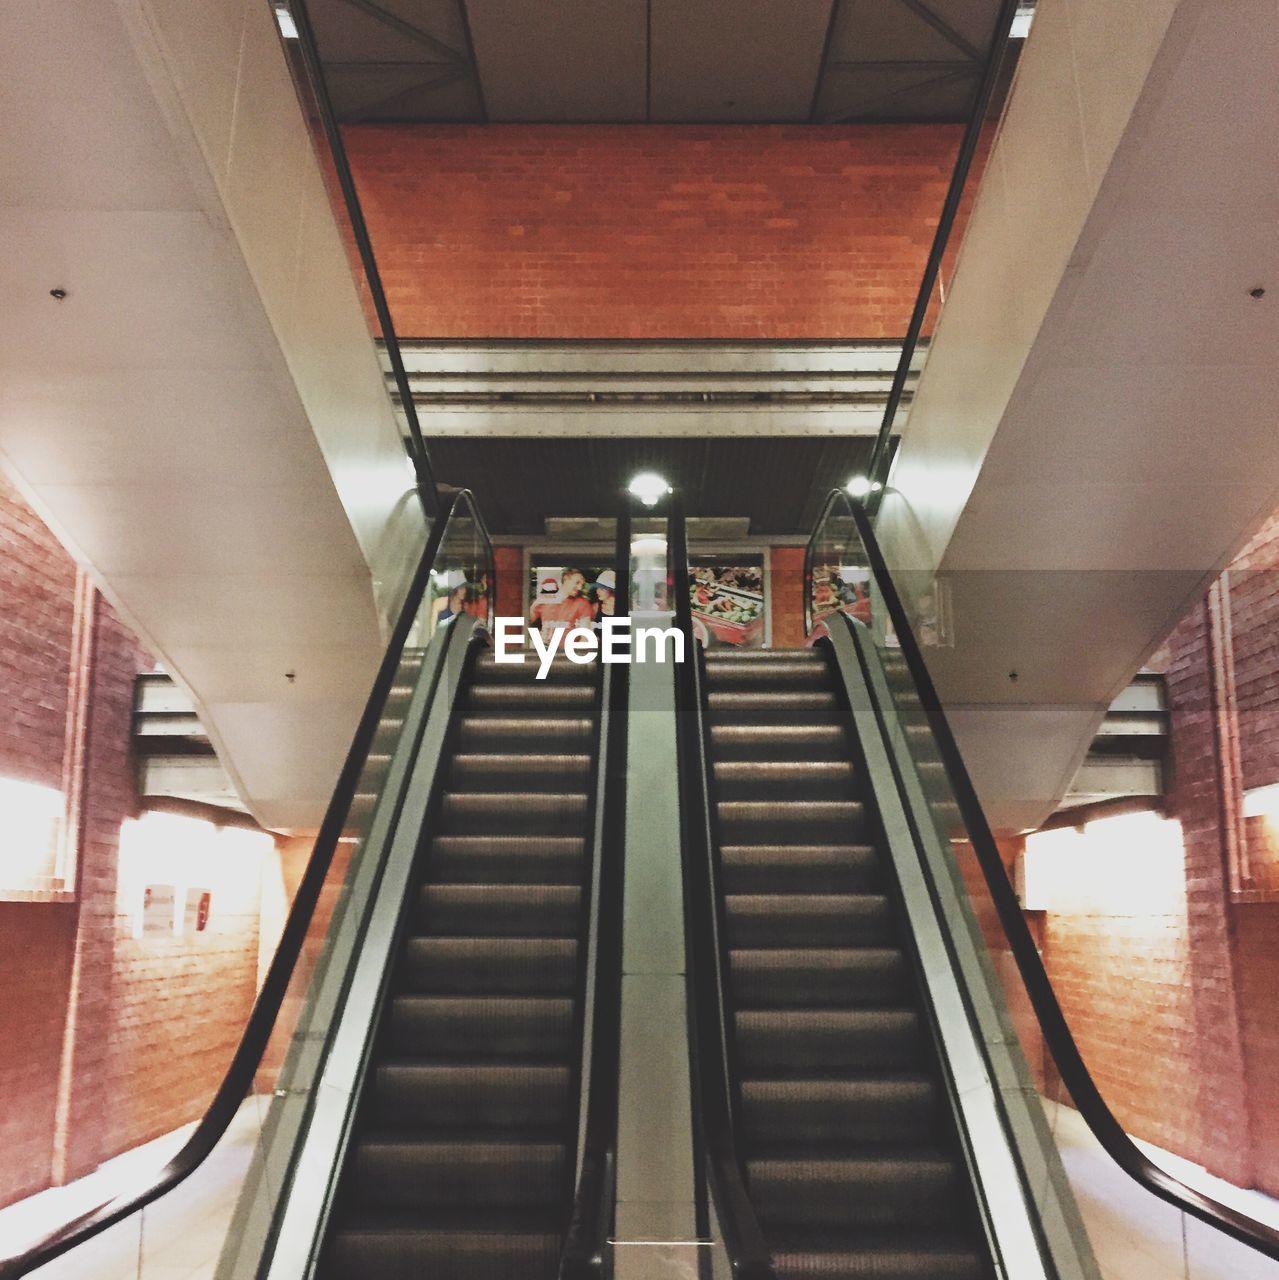 Escalators in building